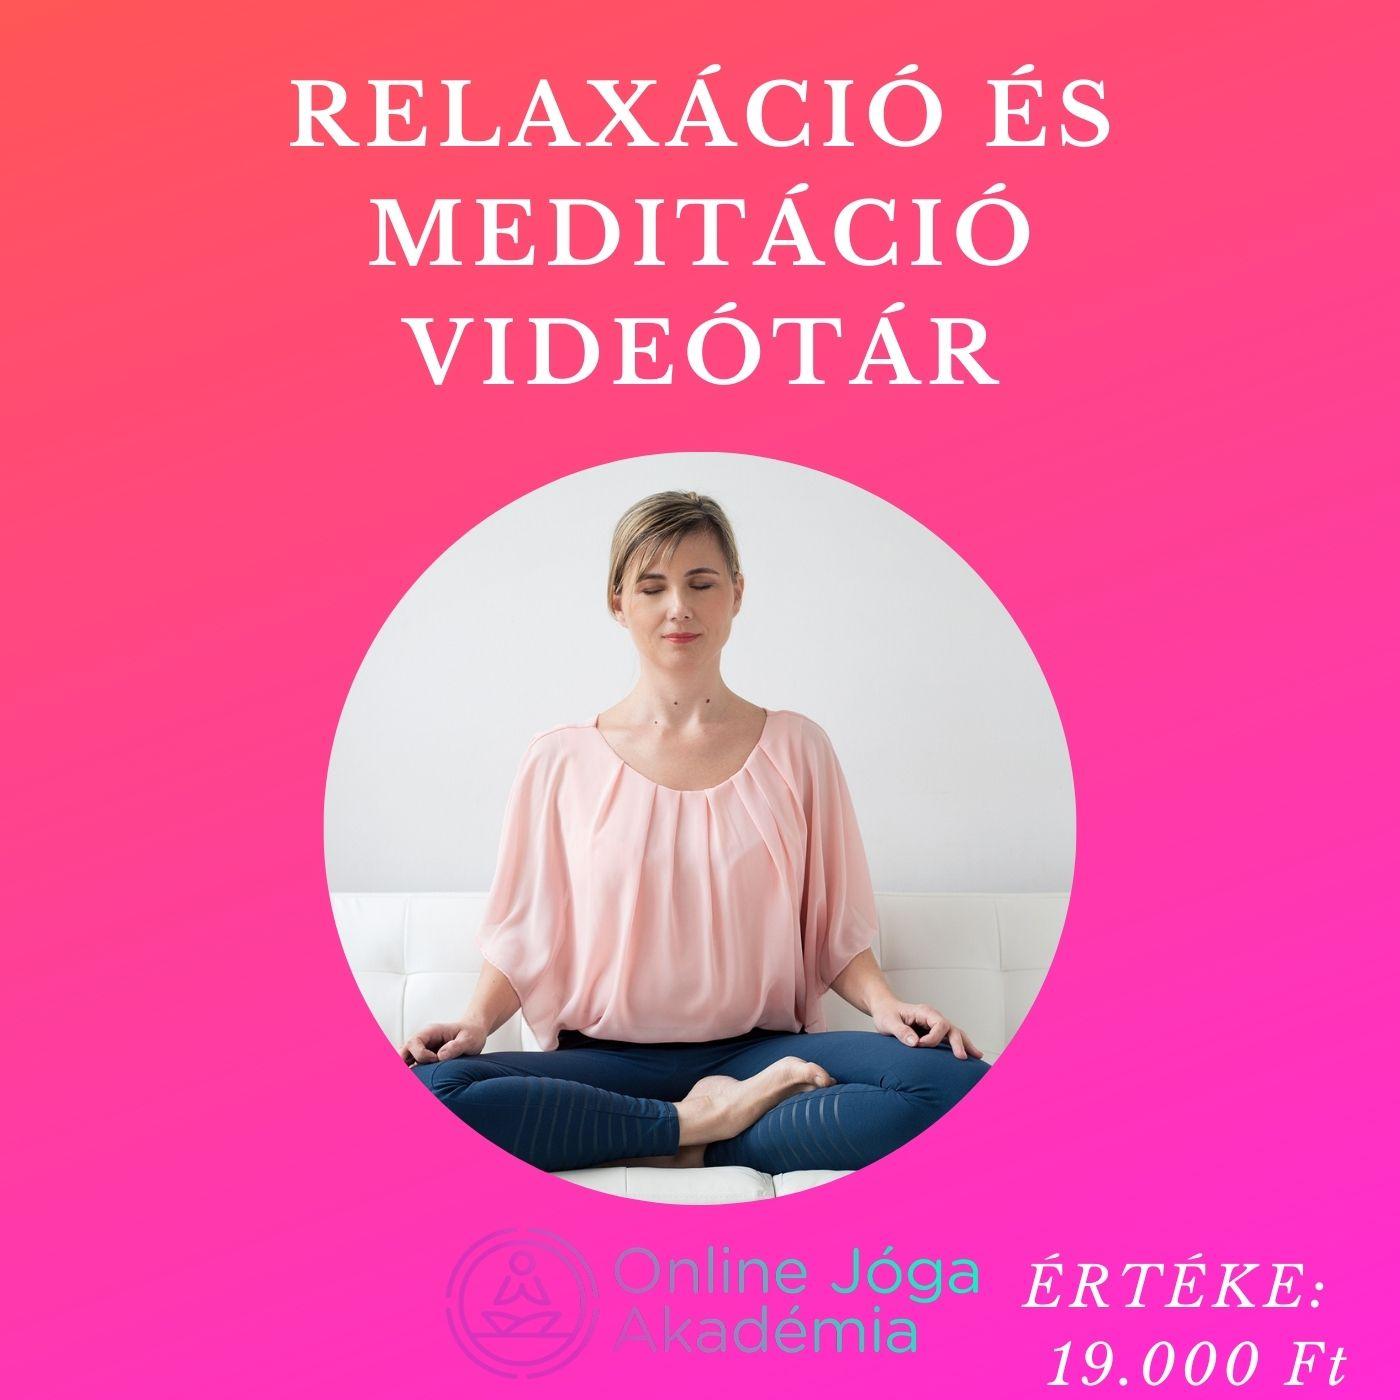 videótár relaxtár online jóga